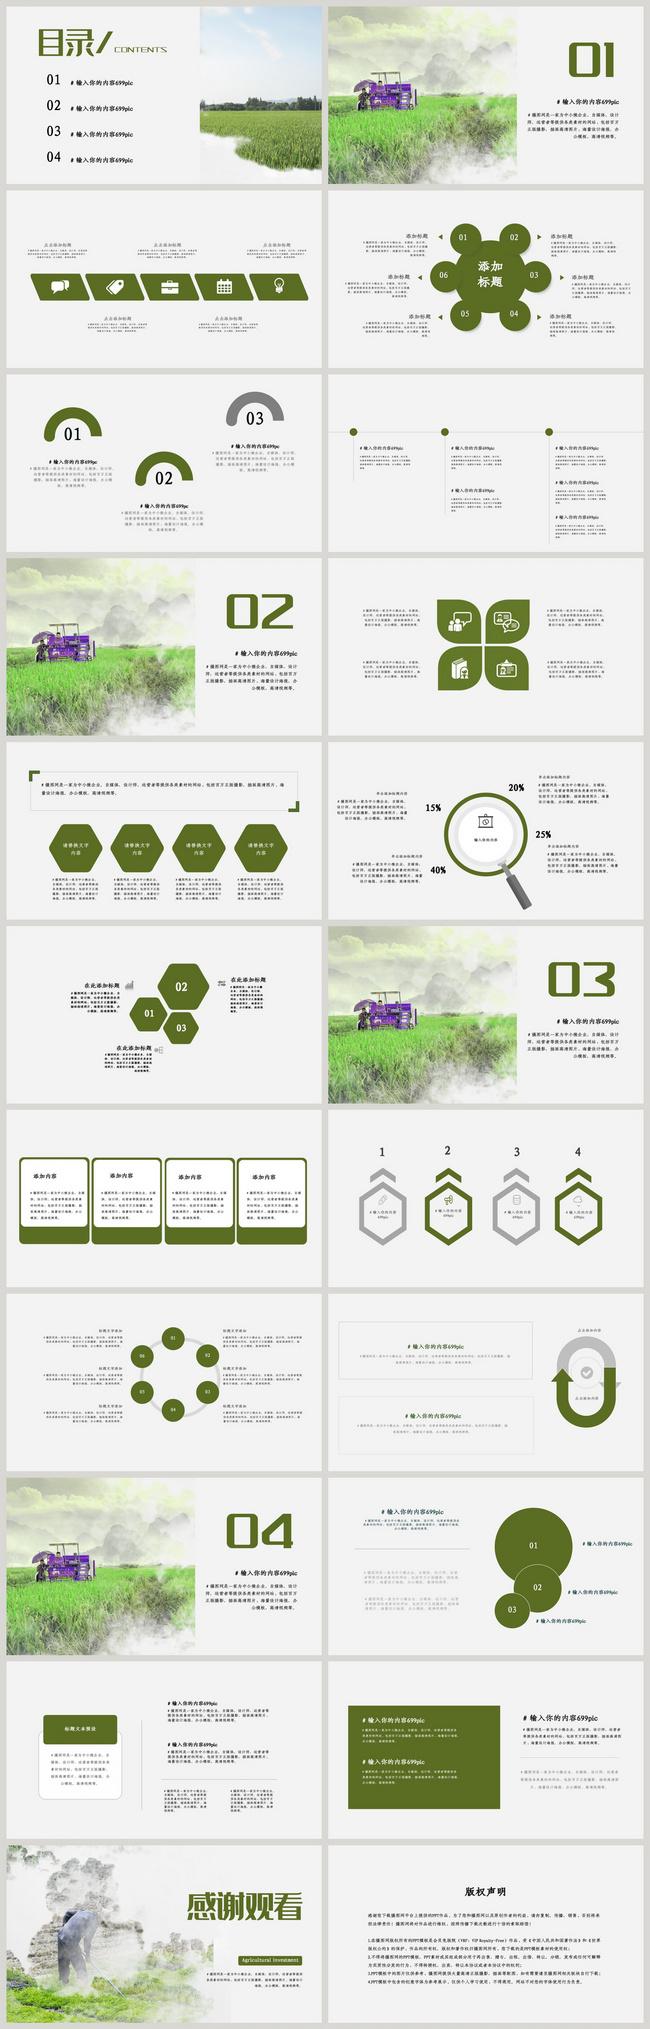 Template Ppt Investasi Pertanian Gambar Unduh Gratis Power Point 401252818 Format Gambar Pptx Lovepik Com